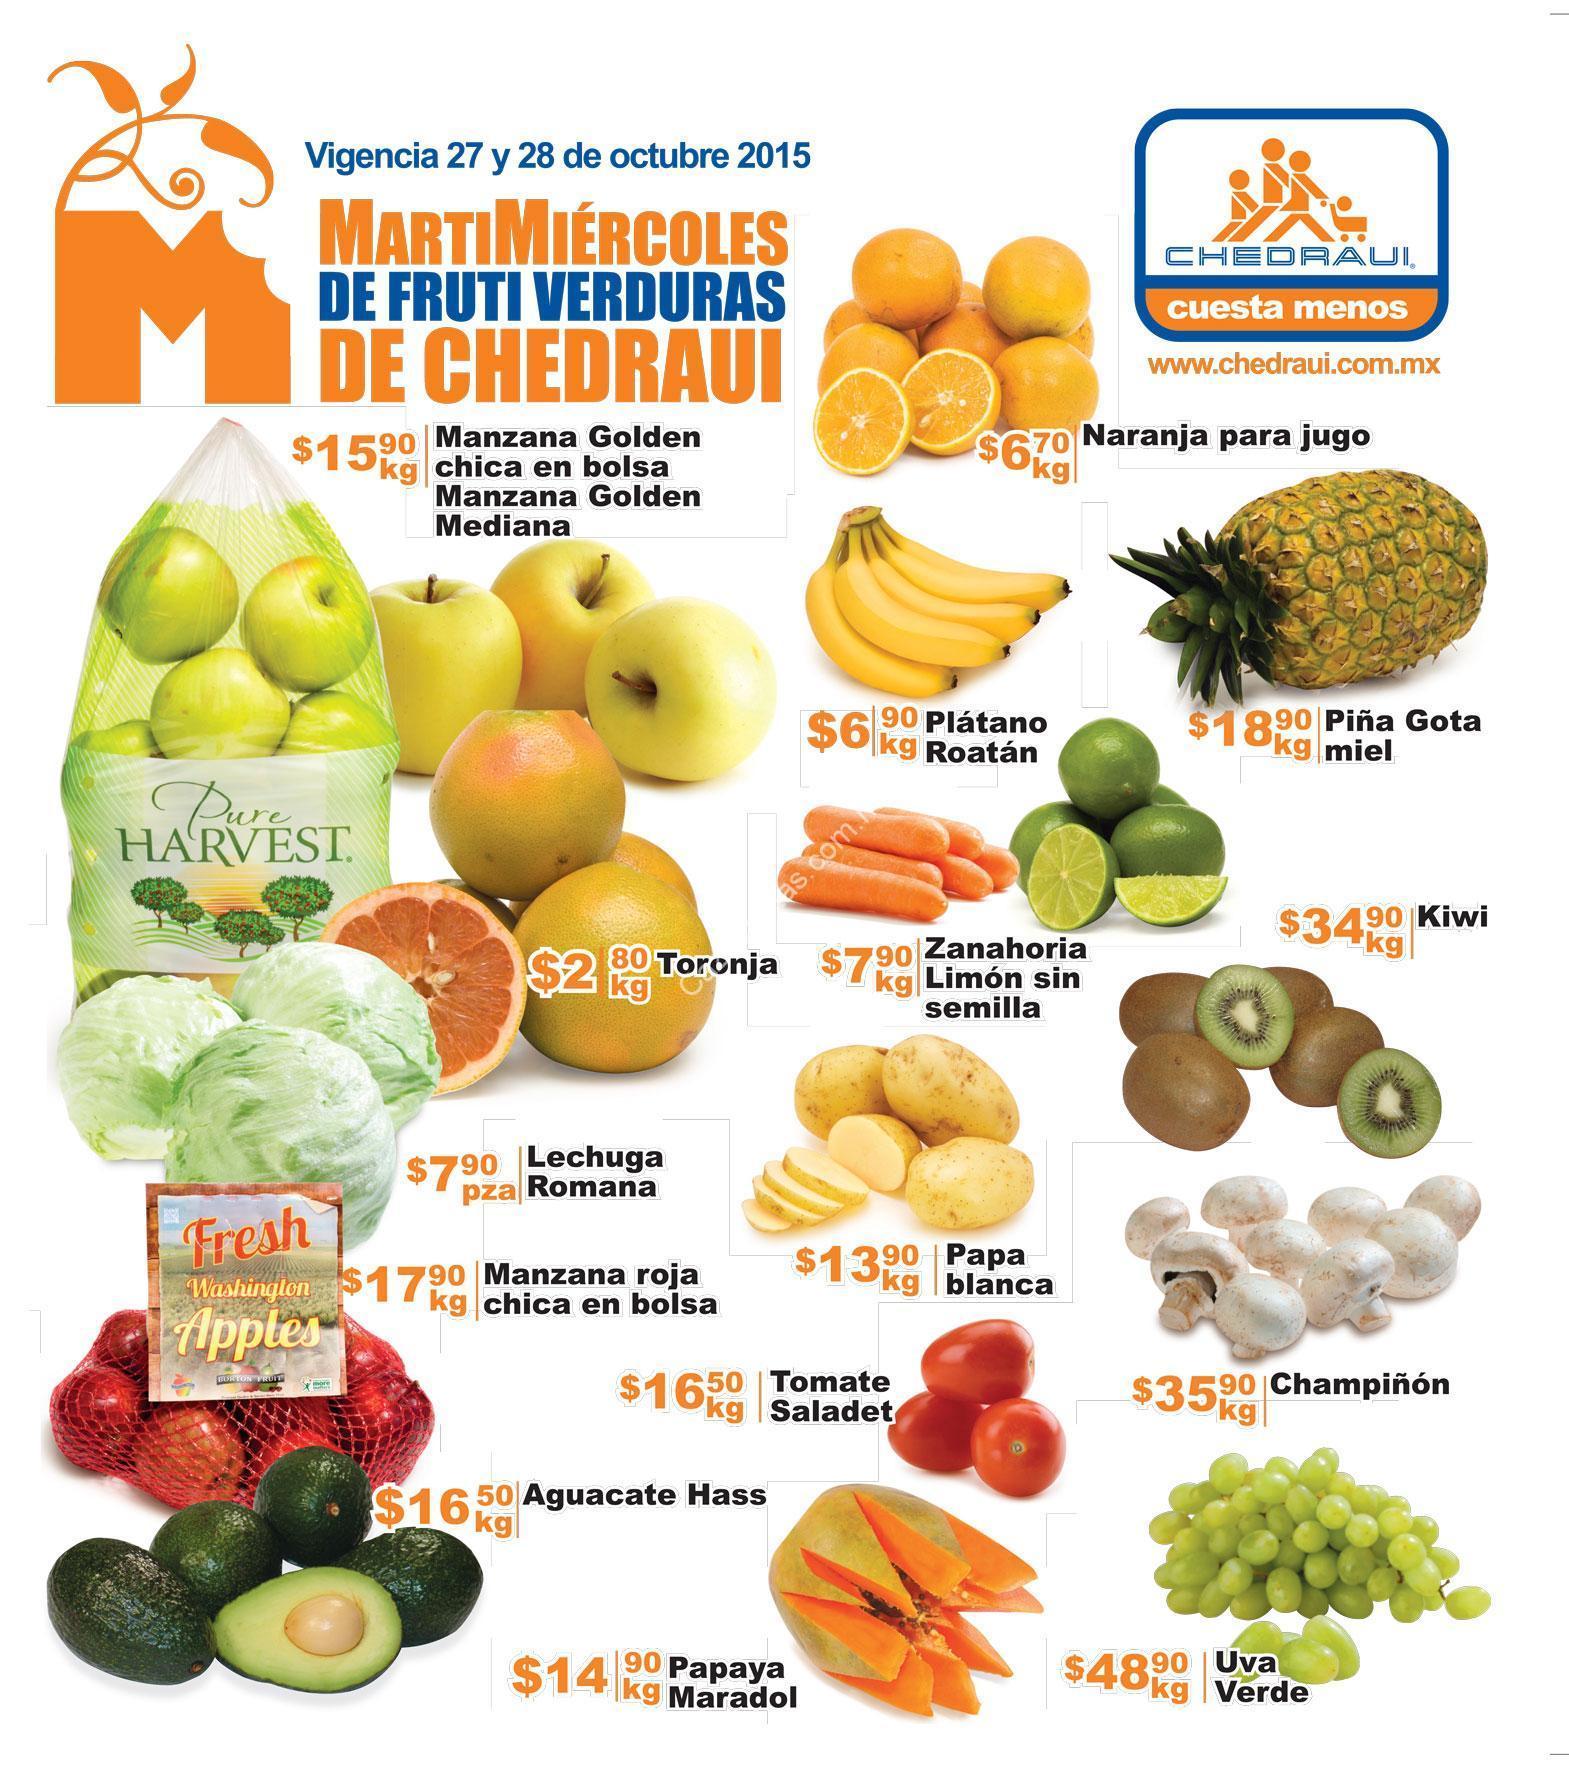 Ofertas Chedraui en frutas y verduras 27 y 28 de octubre